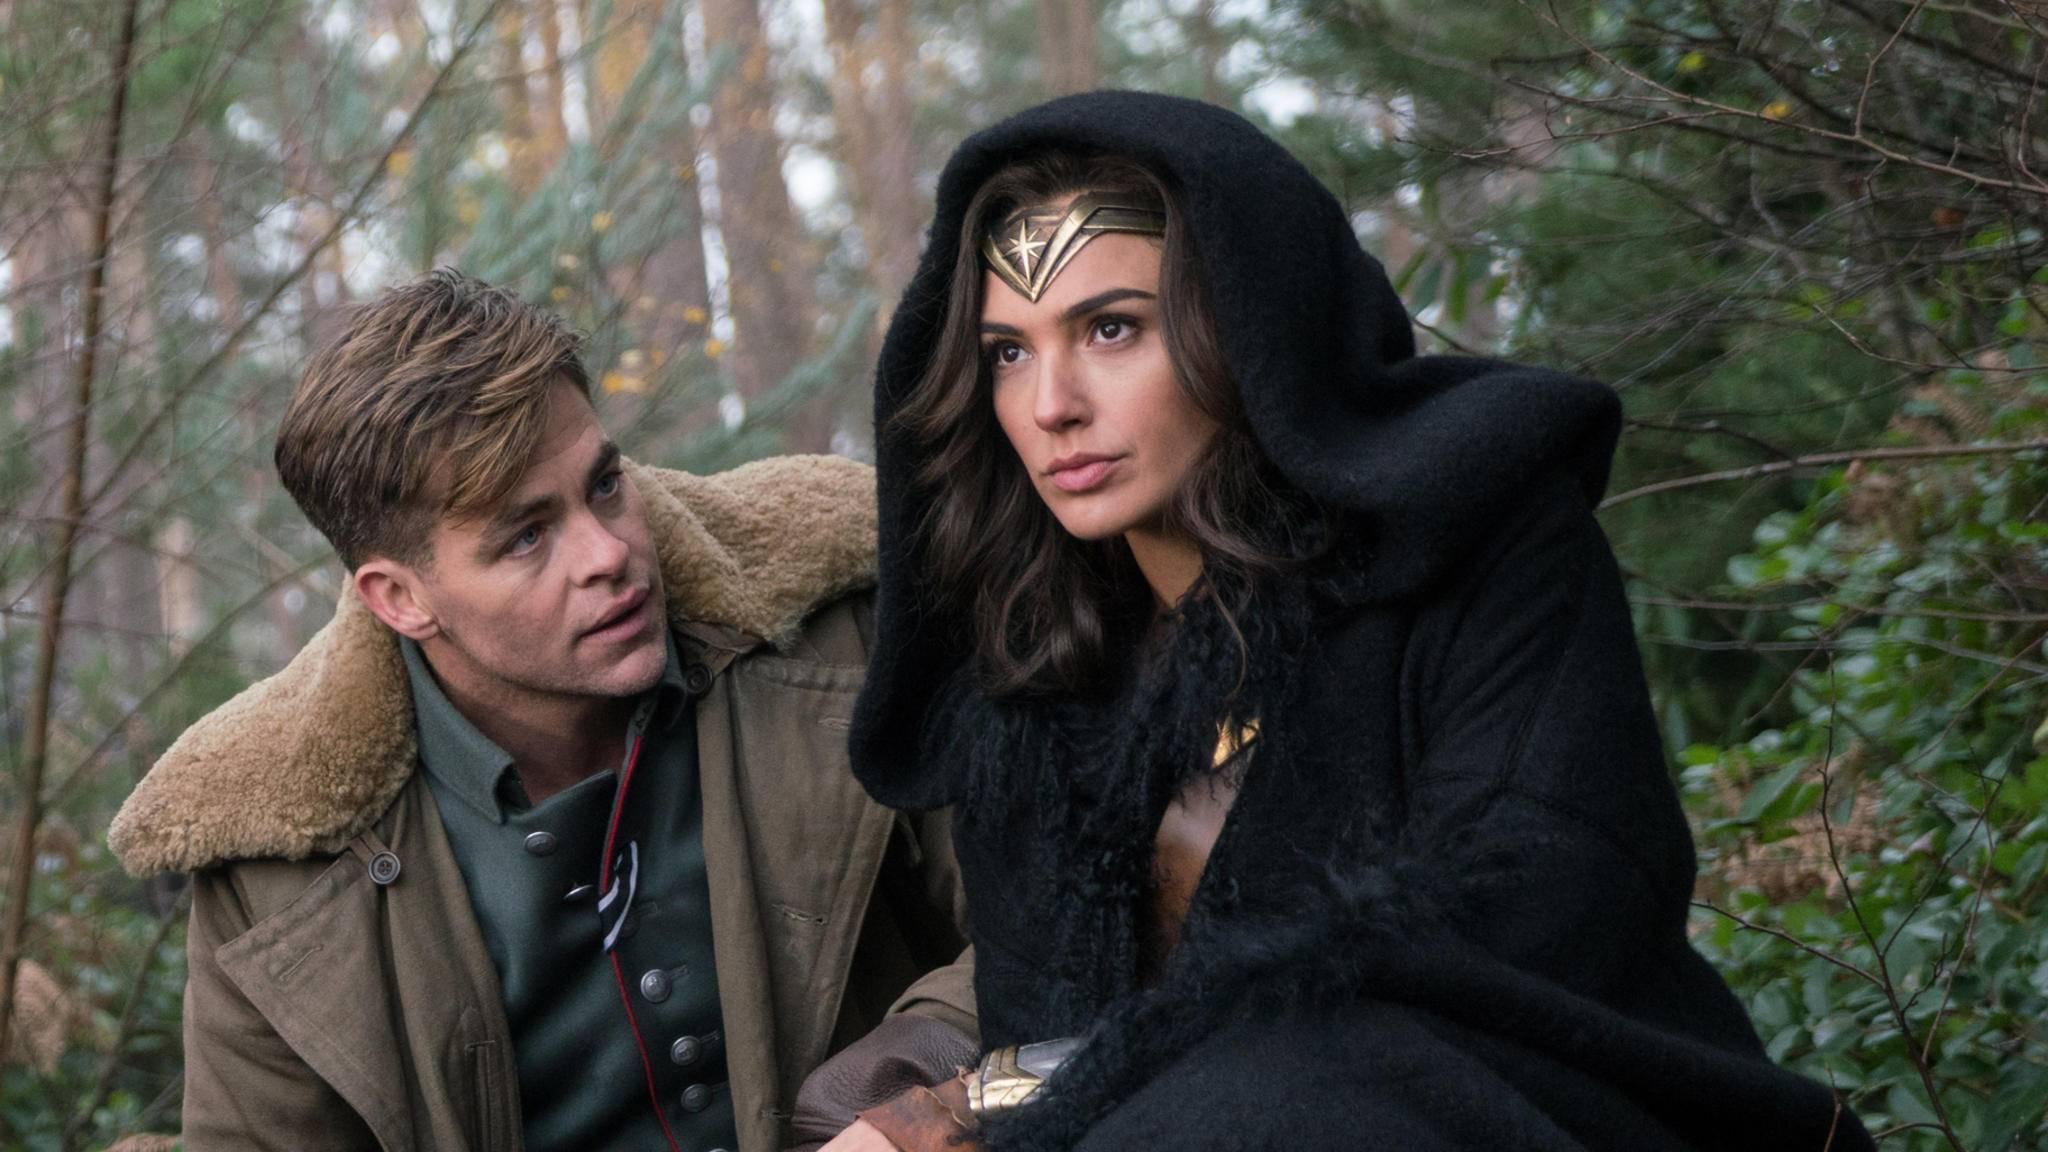 """Die Chemie auf der Leinwand stimmte: Chris Pine und Gal Gadot wurden als Steve Trevor und Diana Prince in """"Wonder Woman"""" zum tragischen Traumpaar."""